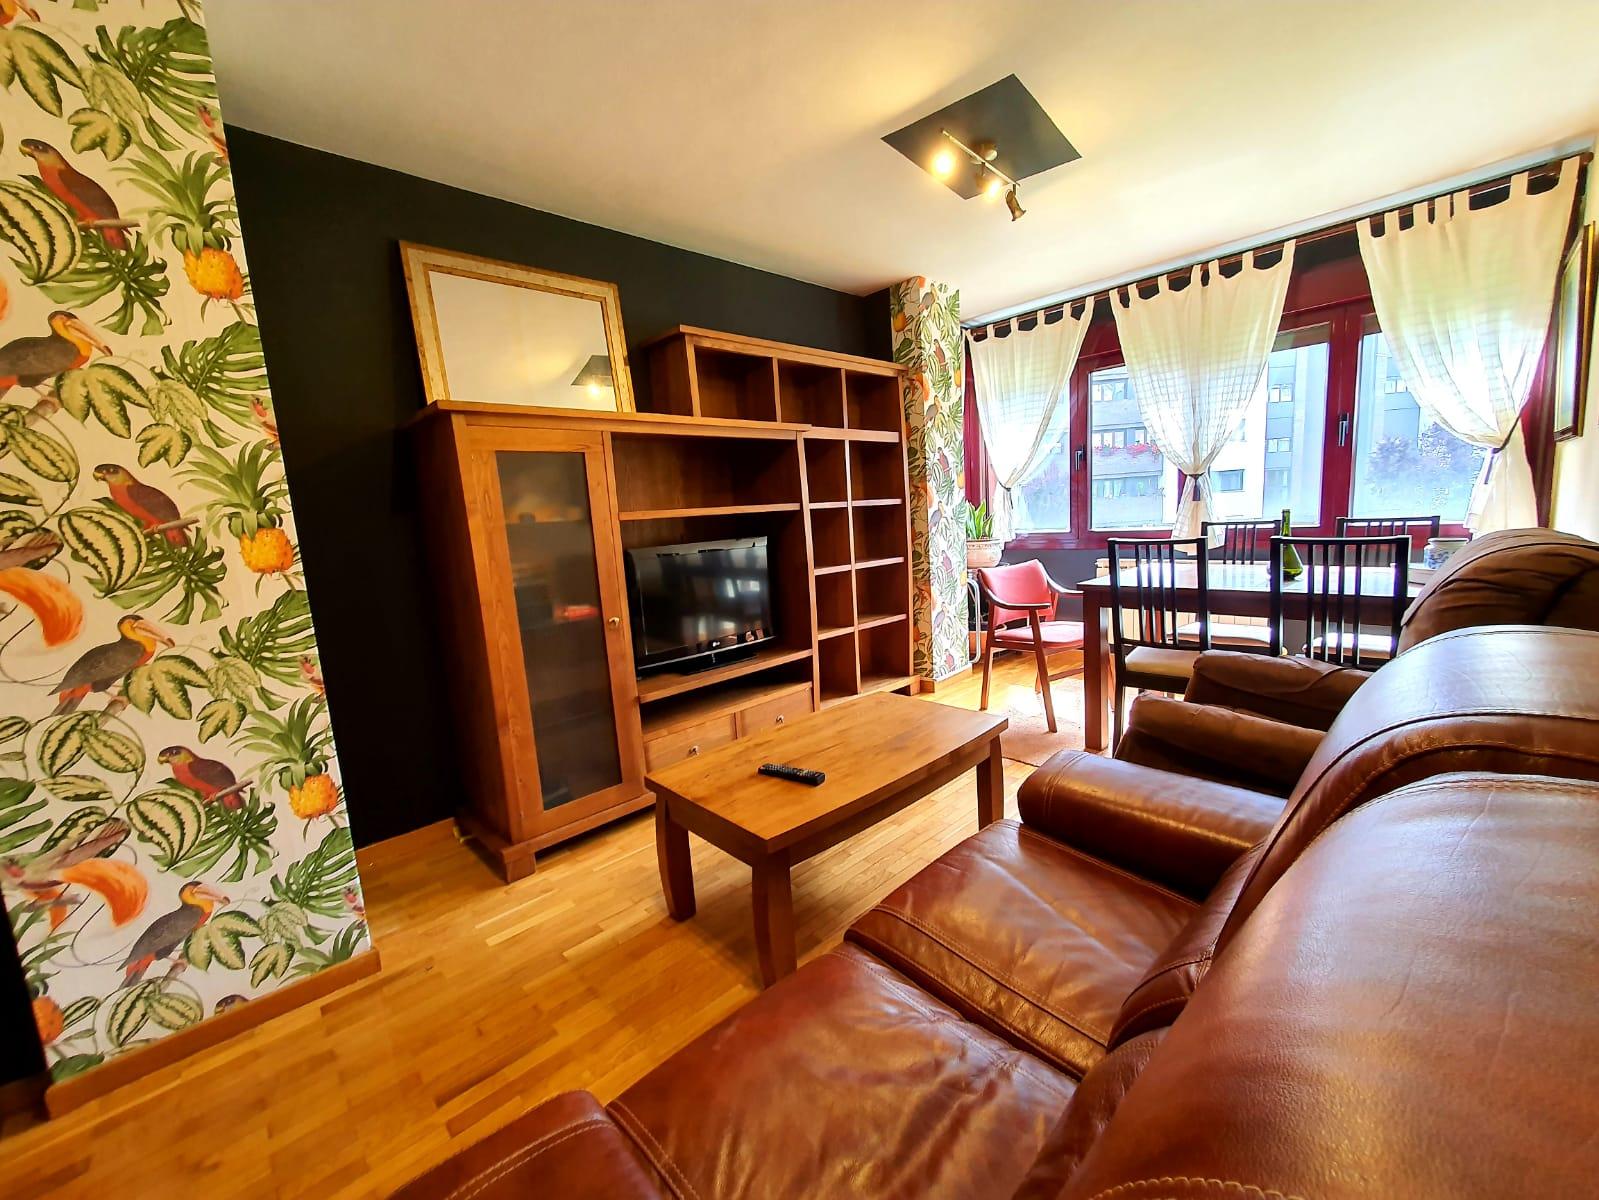 Alquiler de precioso piso amueblado, ubicado en la Zona de Santo Domingo, Oviedo.